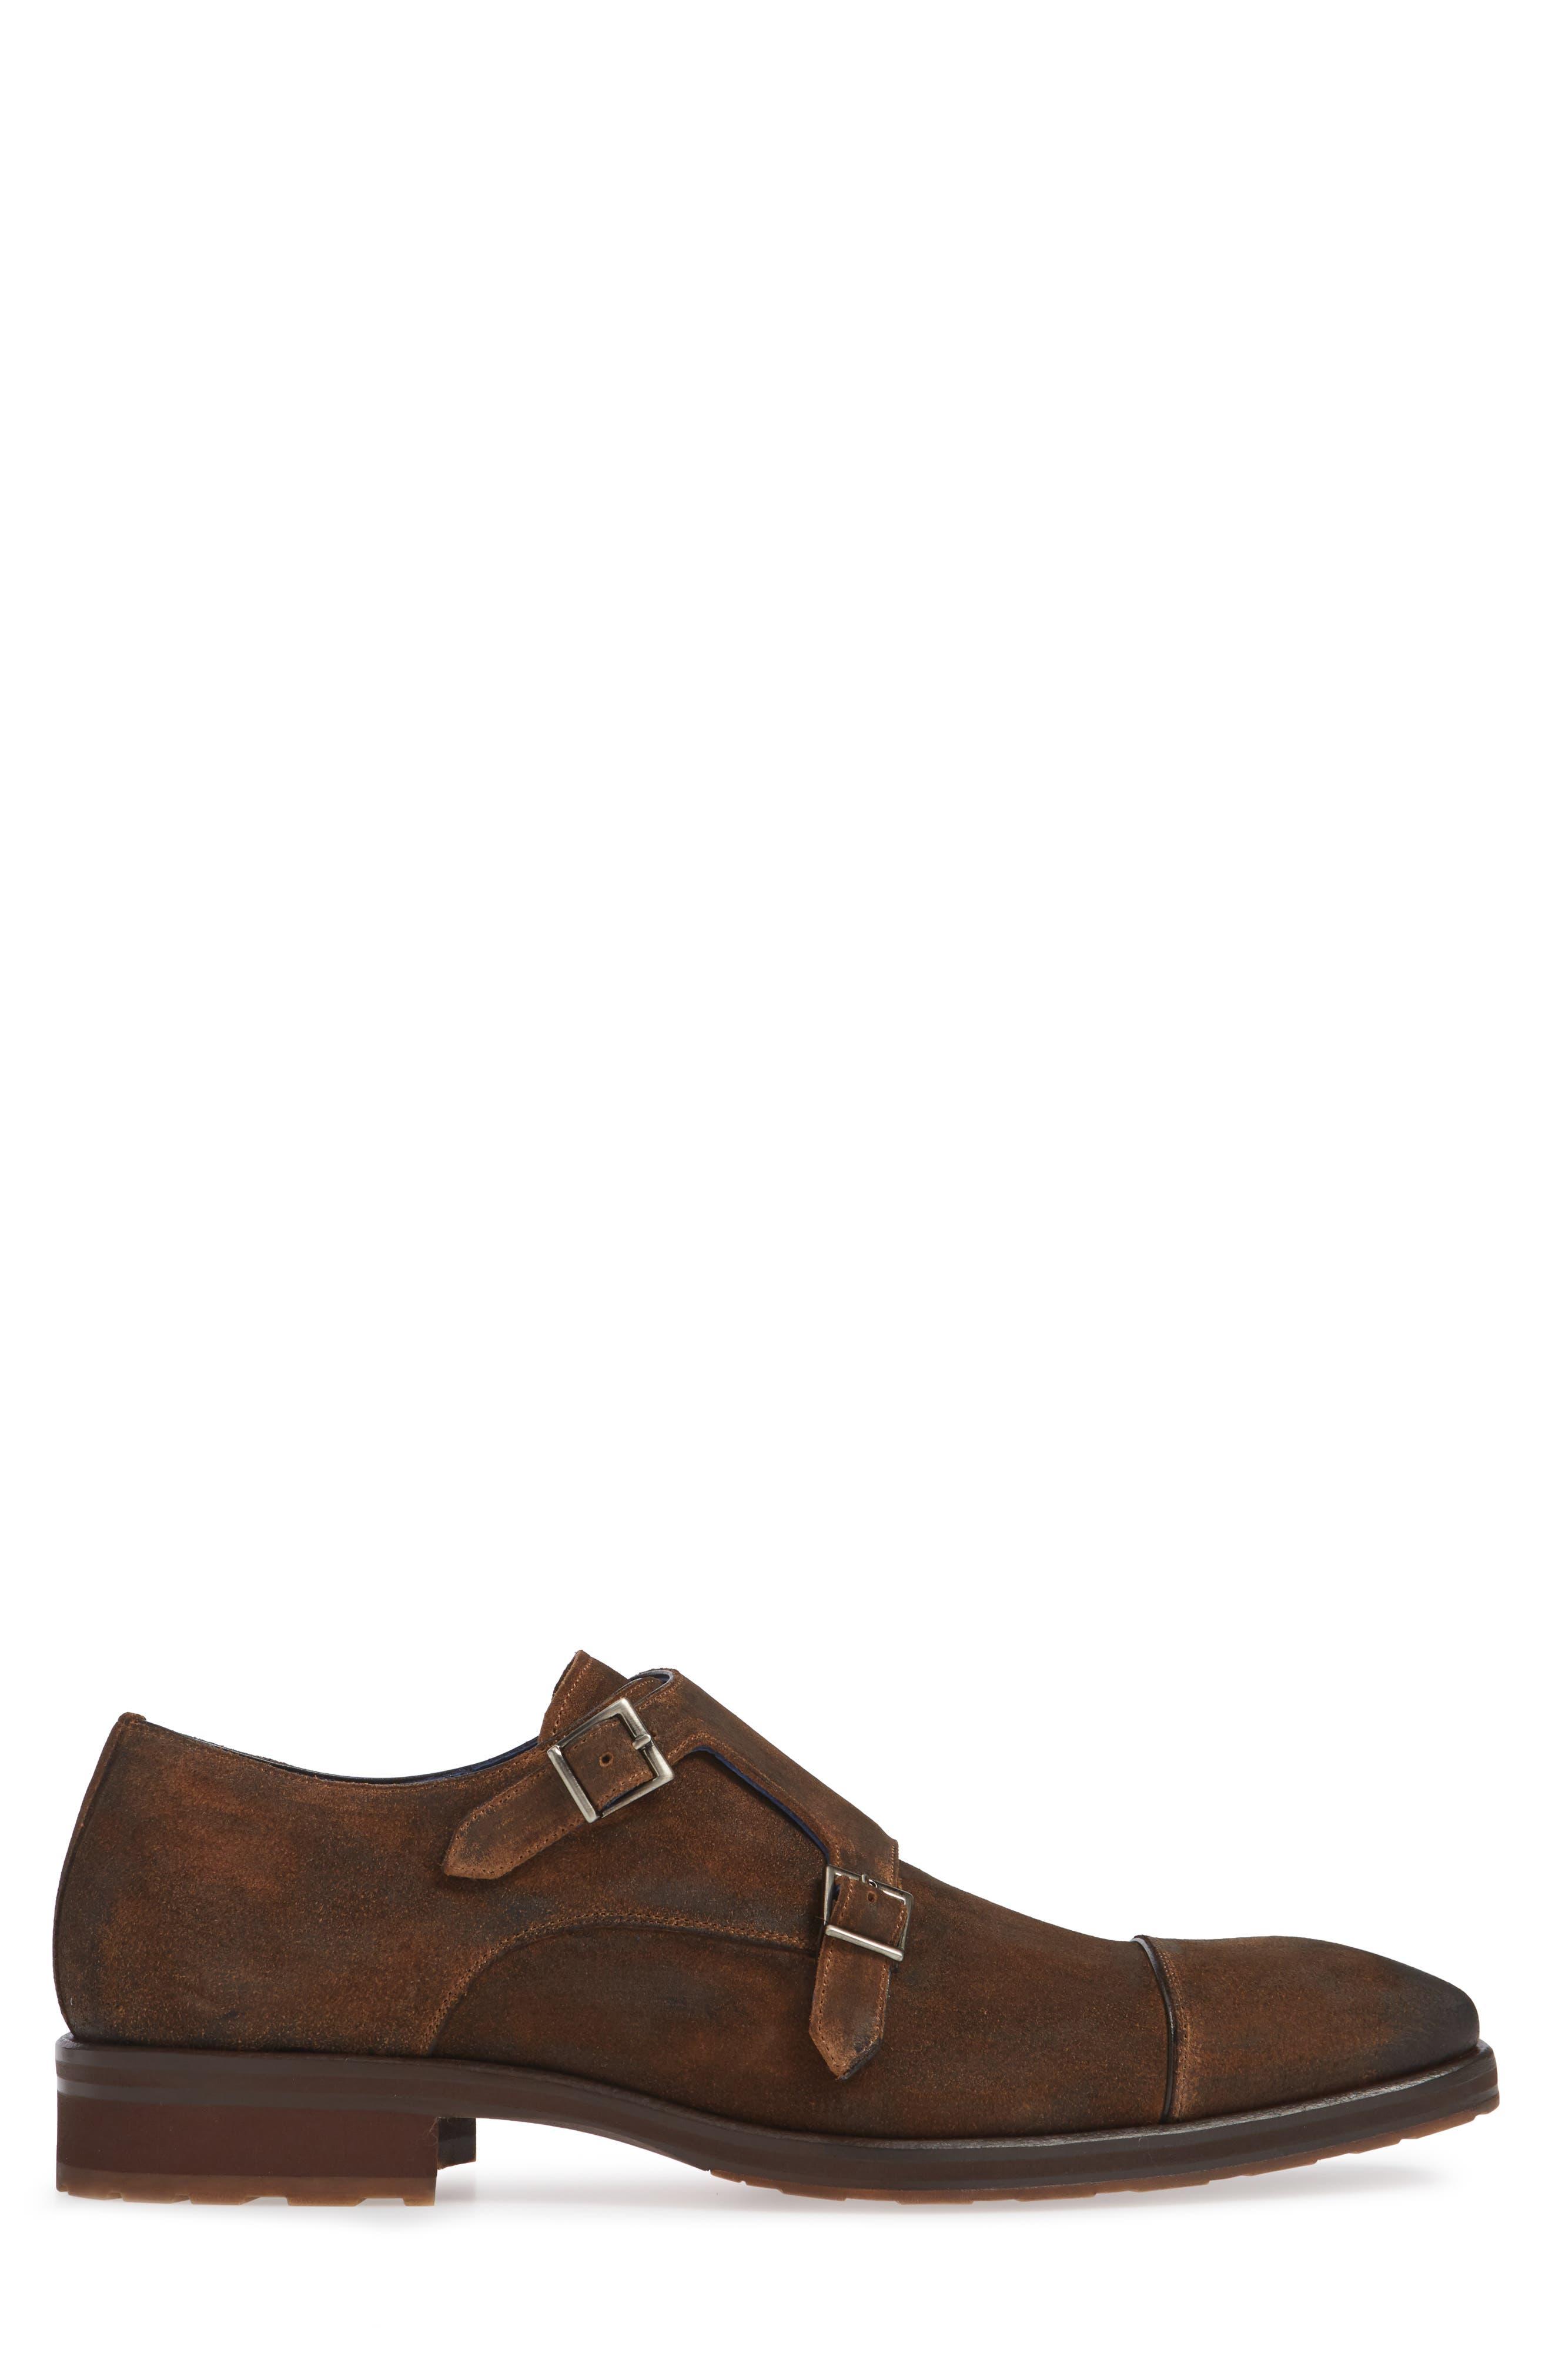 Miguel Double Monk Strap Shoe,                             Alternate thumbnail 3, color,                             TAN SUEDE